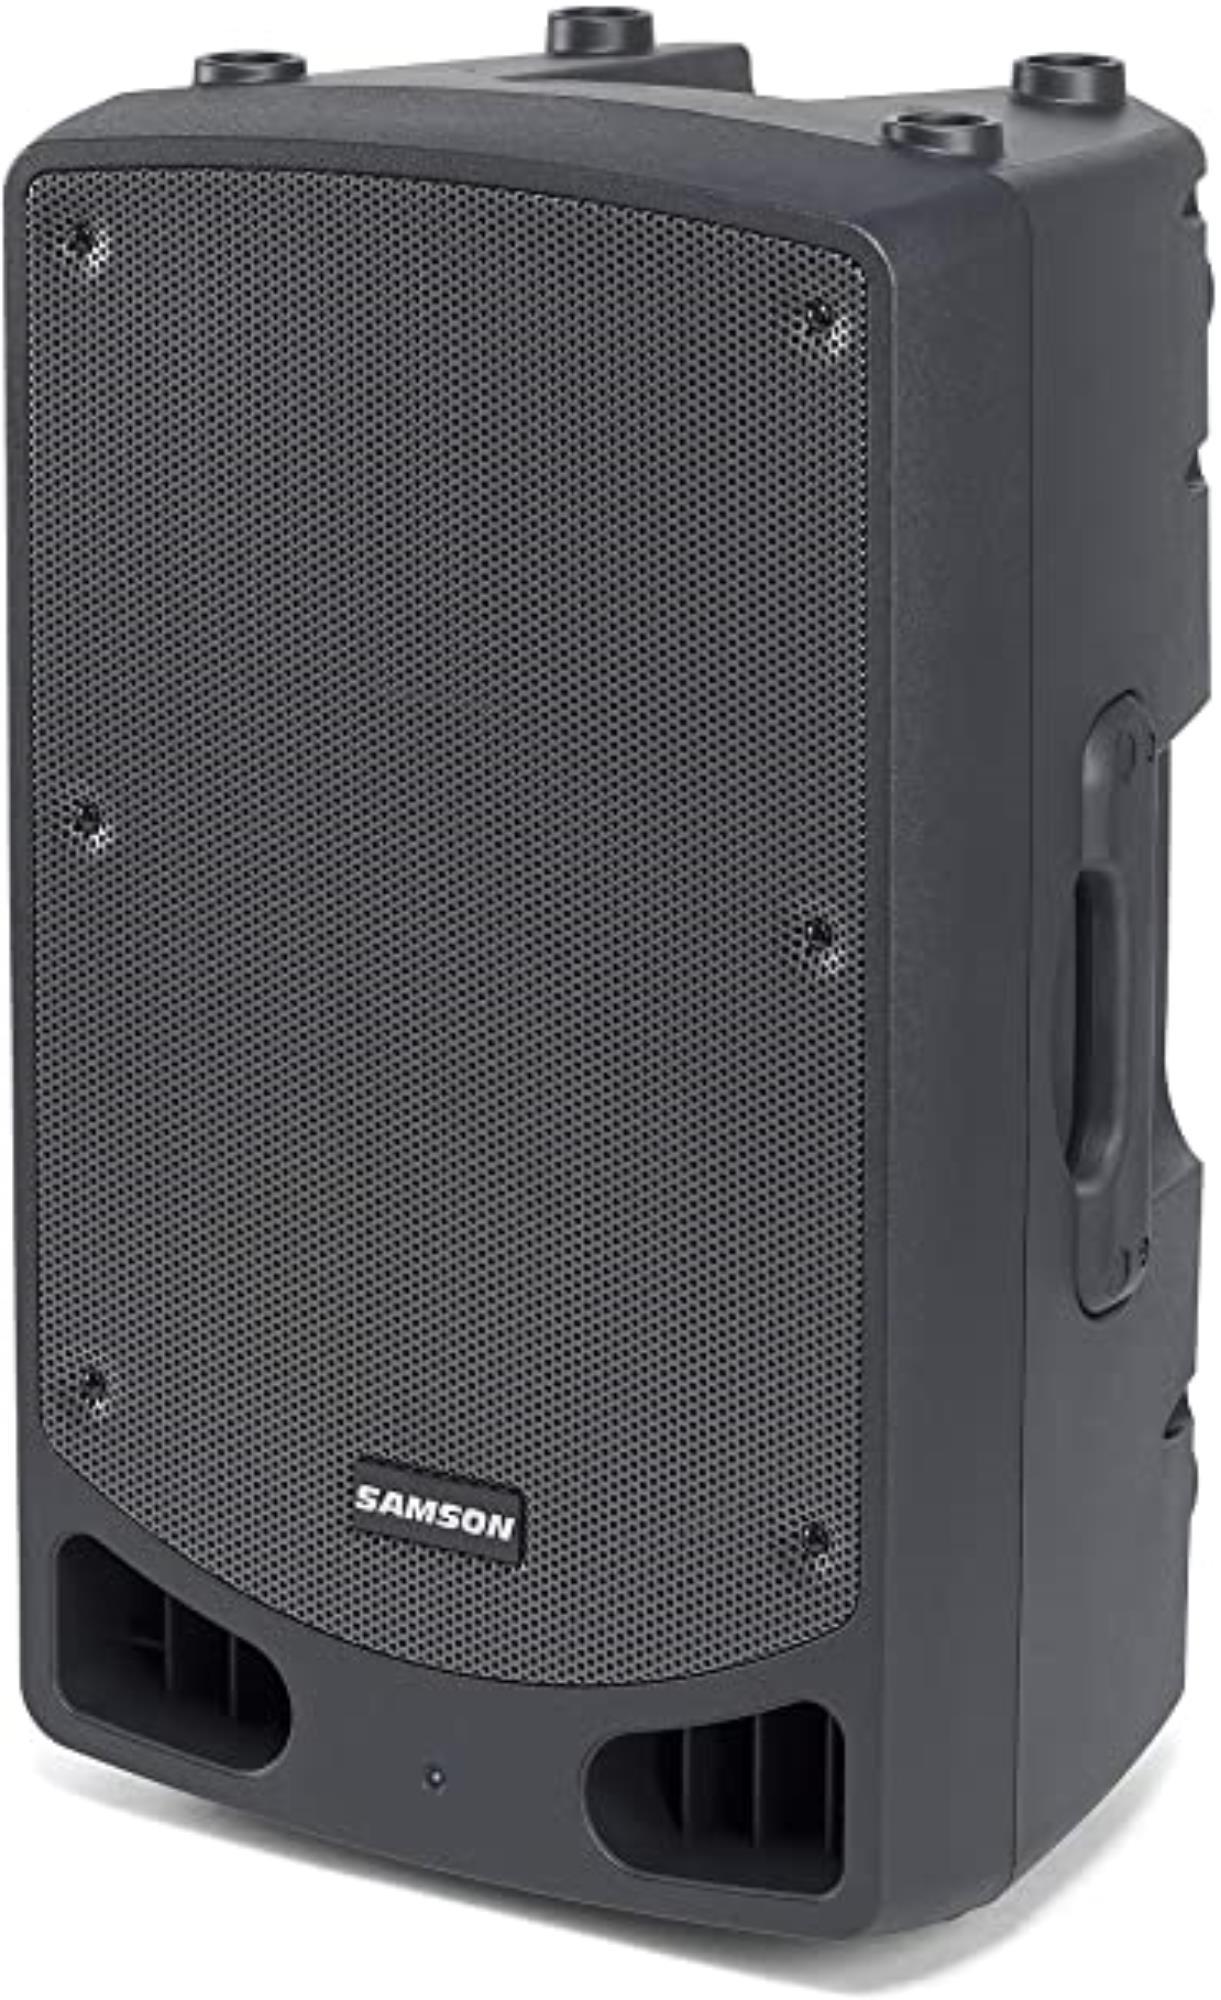 SAMSON-RL115A-ACTIVE-LOUDSPEAKER-sku-23487